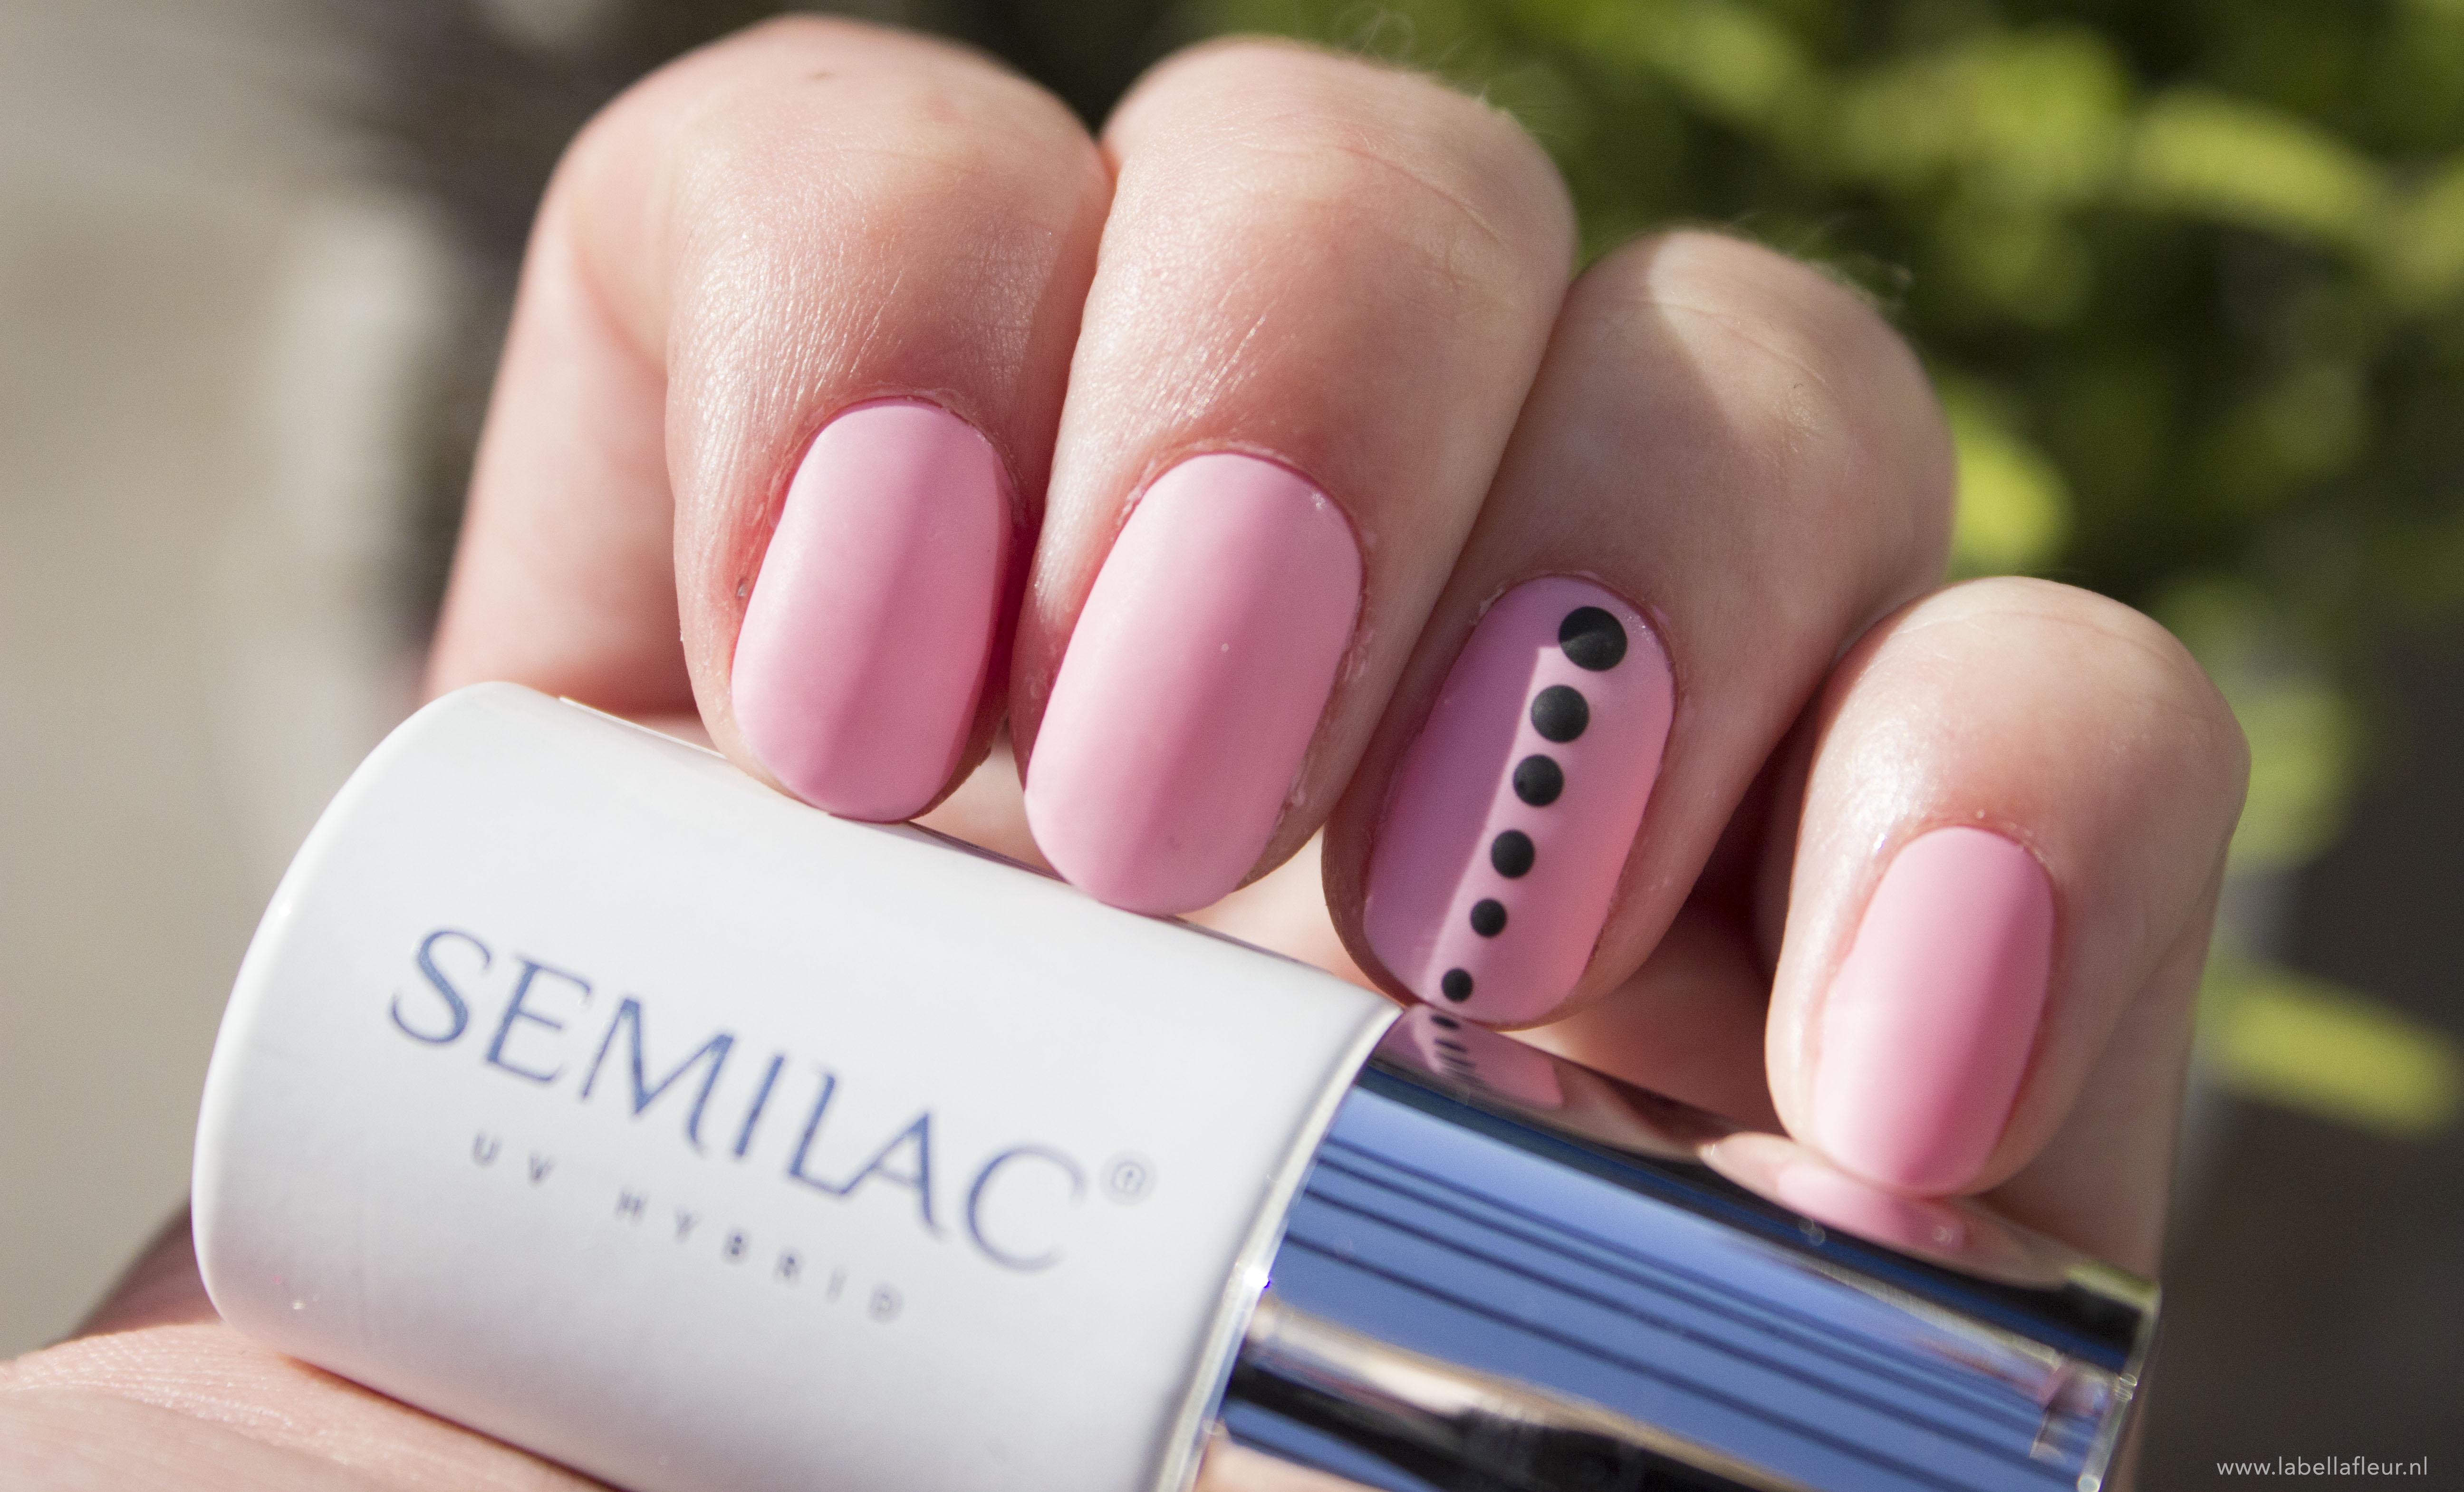 nails, gelpolish, mat top coat, semilac